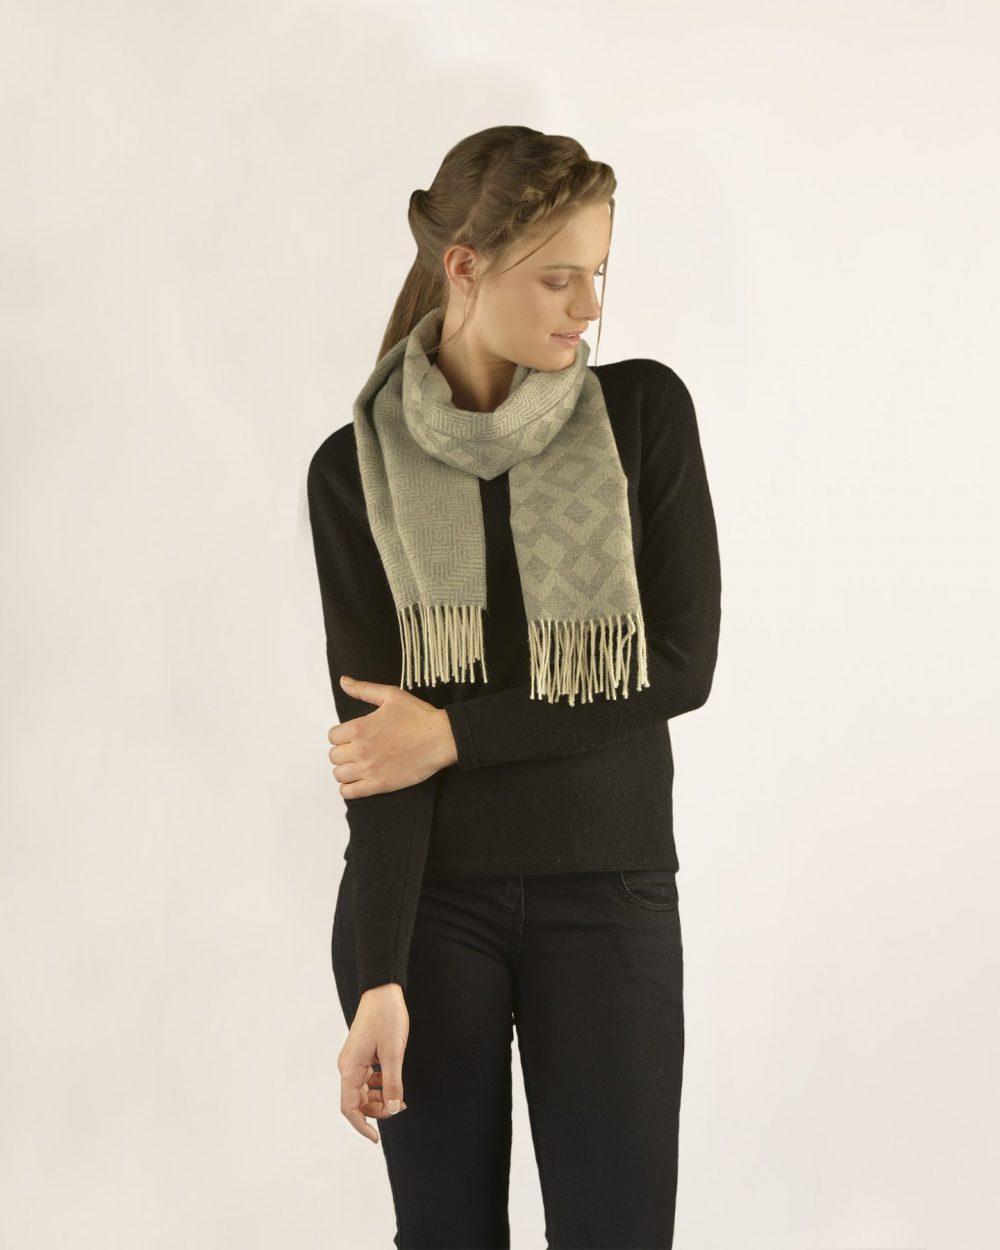 Écharpe TINY en bébé alpaga - écharpes, bonnets et pulls en alpaga. Fine Alpaca, fine laine et coton du Pérou, vêtements en fibres naturelles.